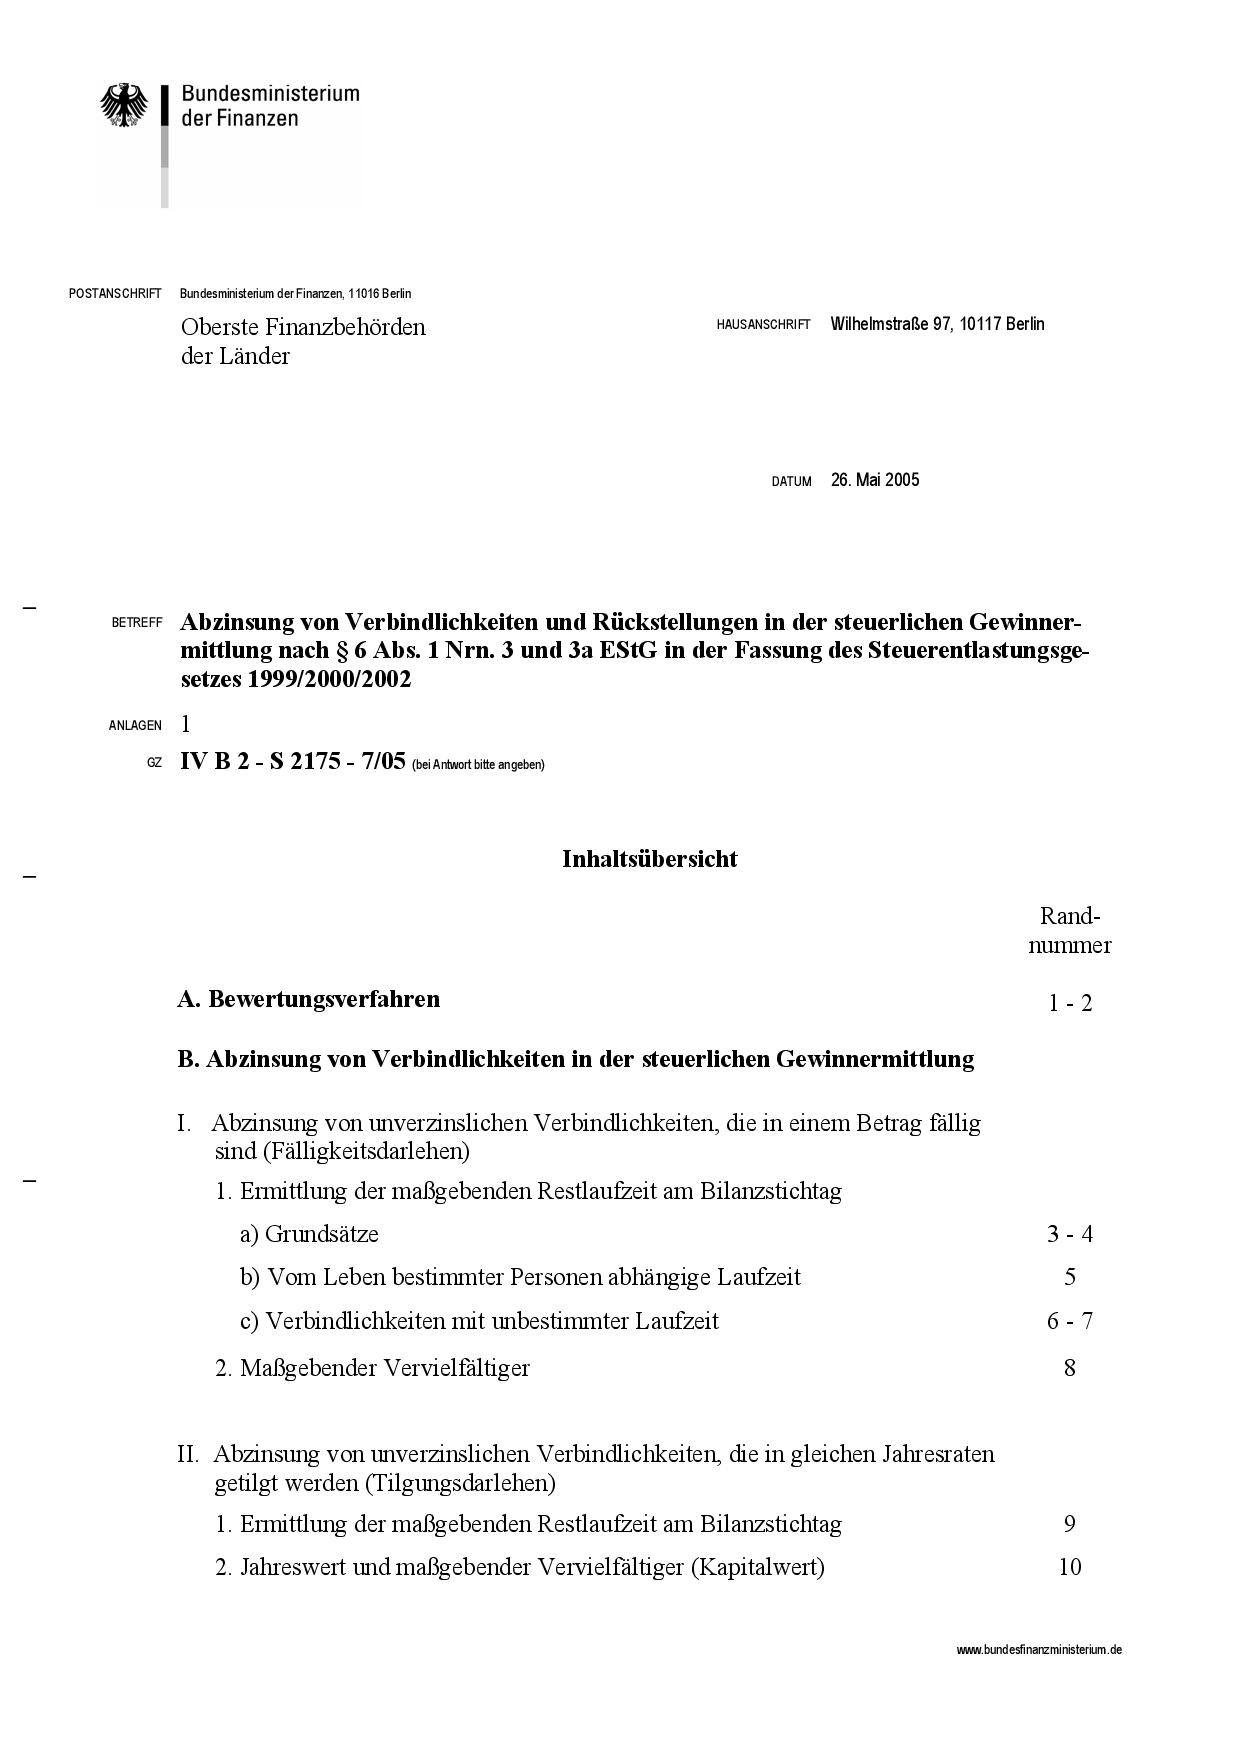 Abzinsung von Verbindlichkeiten und Rückstellungen in der steuerlichen Gewinnermittlung nach § 6 ABS. 1 NRN. 3 und 3a ESTG in der Fassung des Steuerentlastungsgesetzes 1999/2000/2002